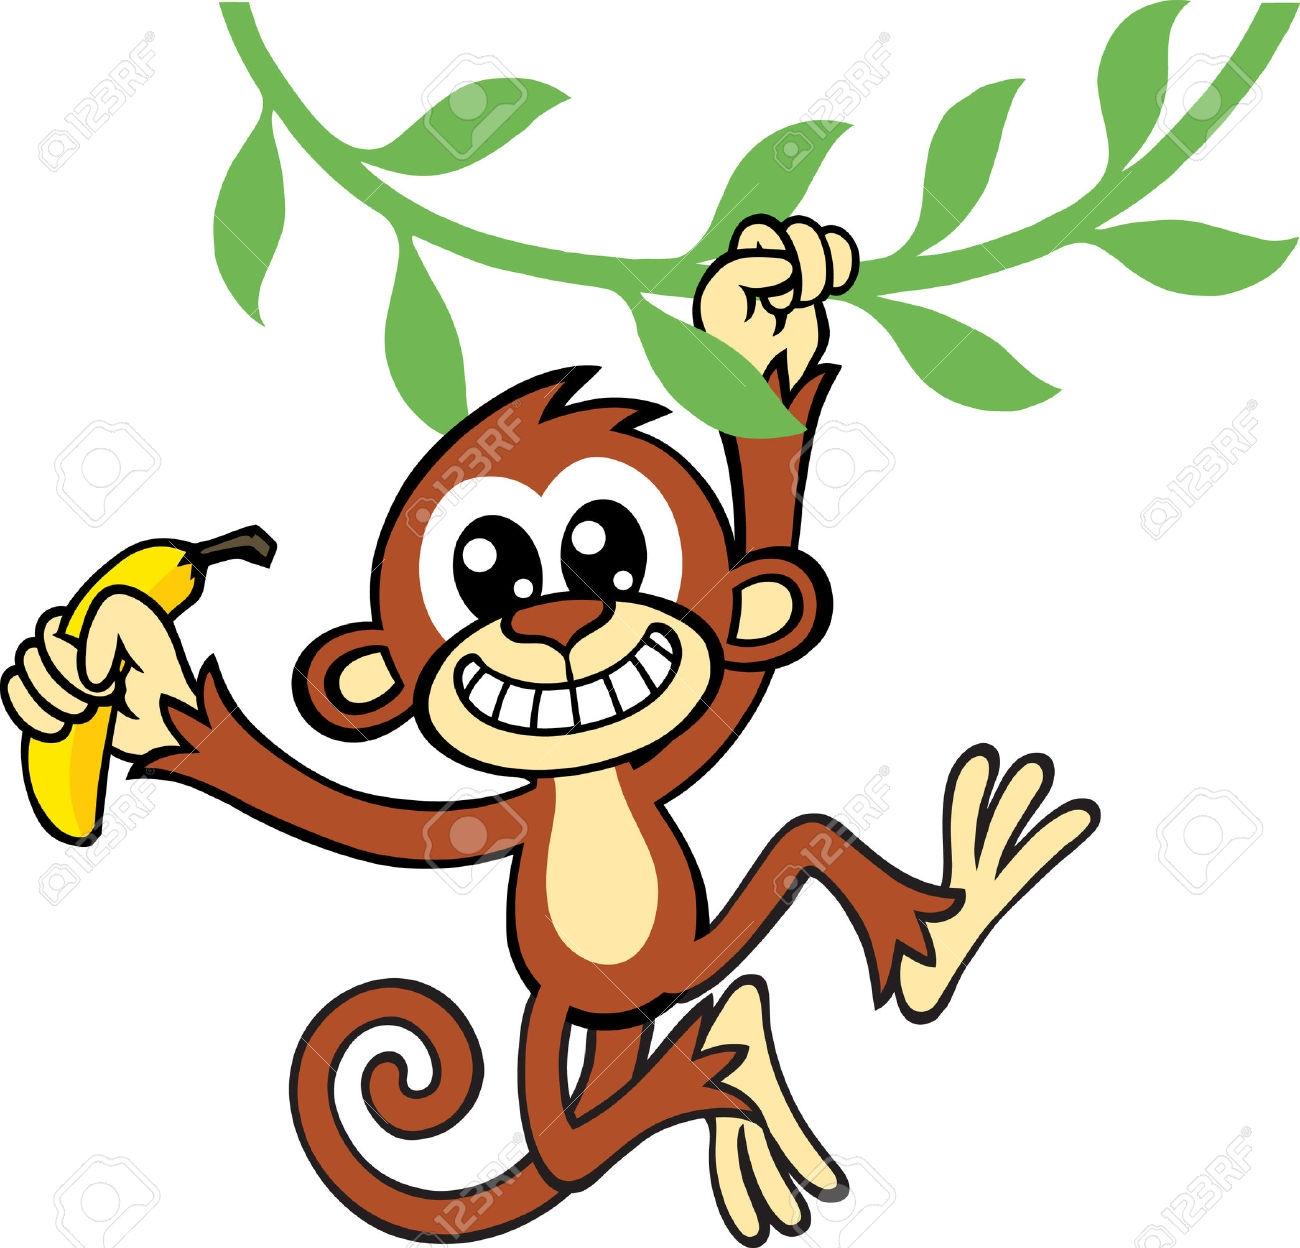 1300x1248 Banana clipart monkey banana